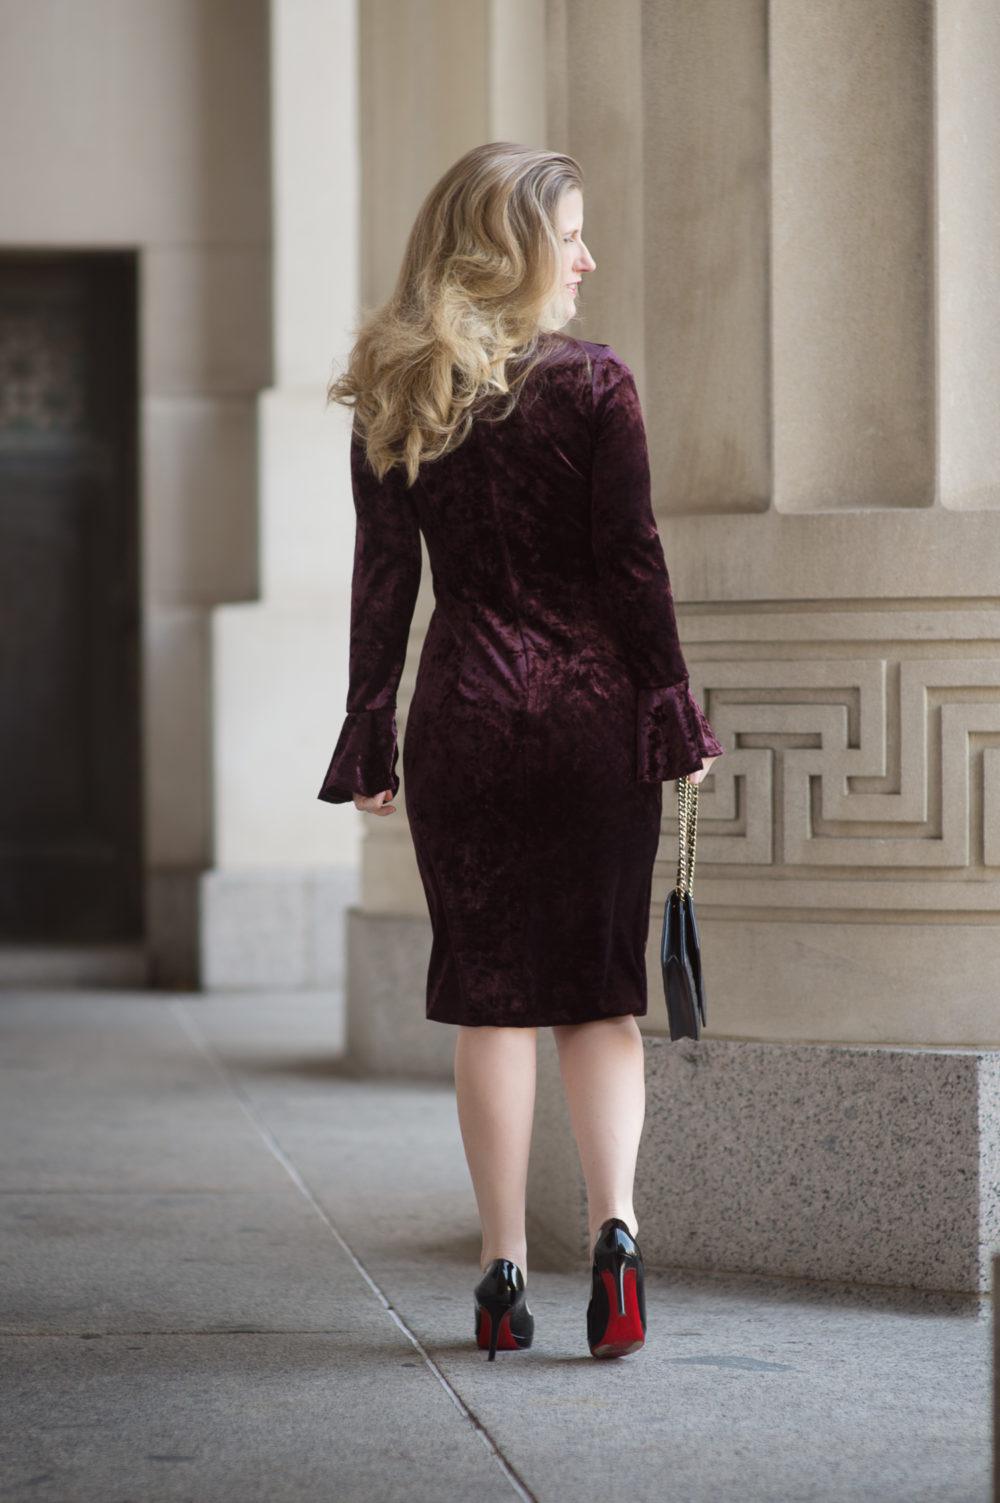 Velvet Dress Inspiration From London Times The Blue